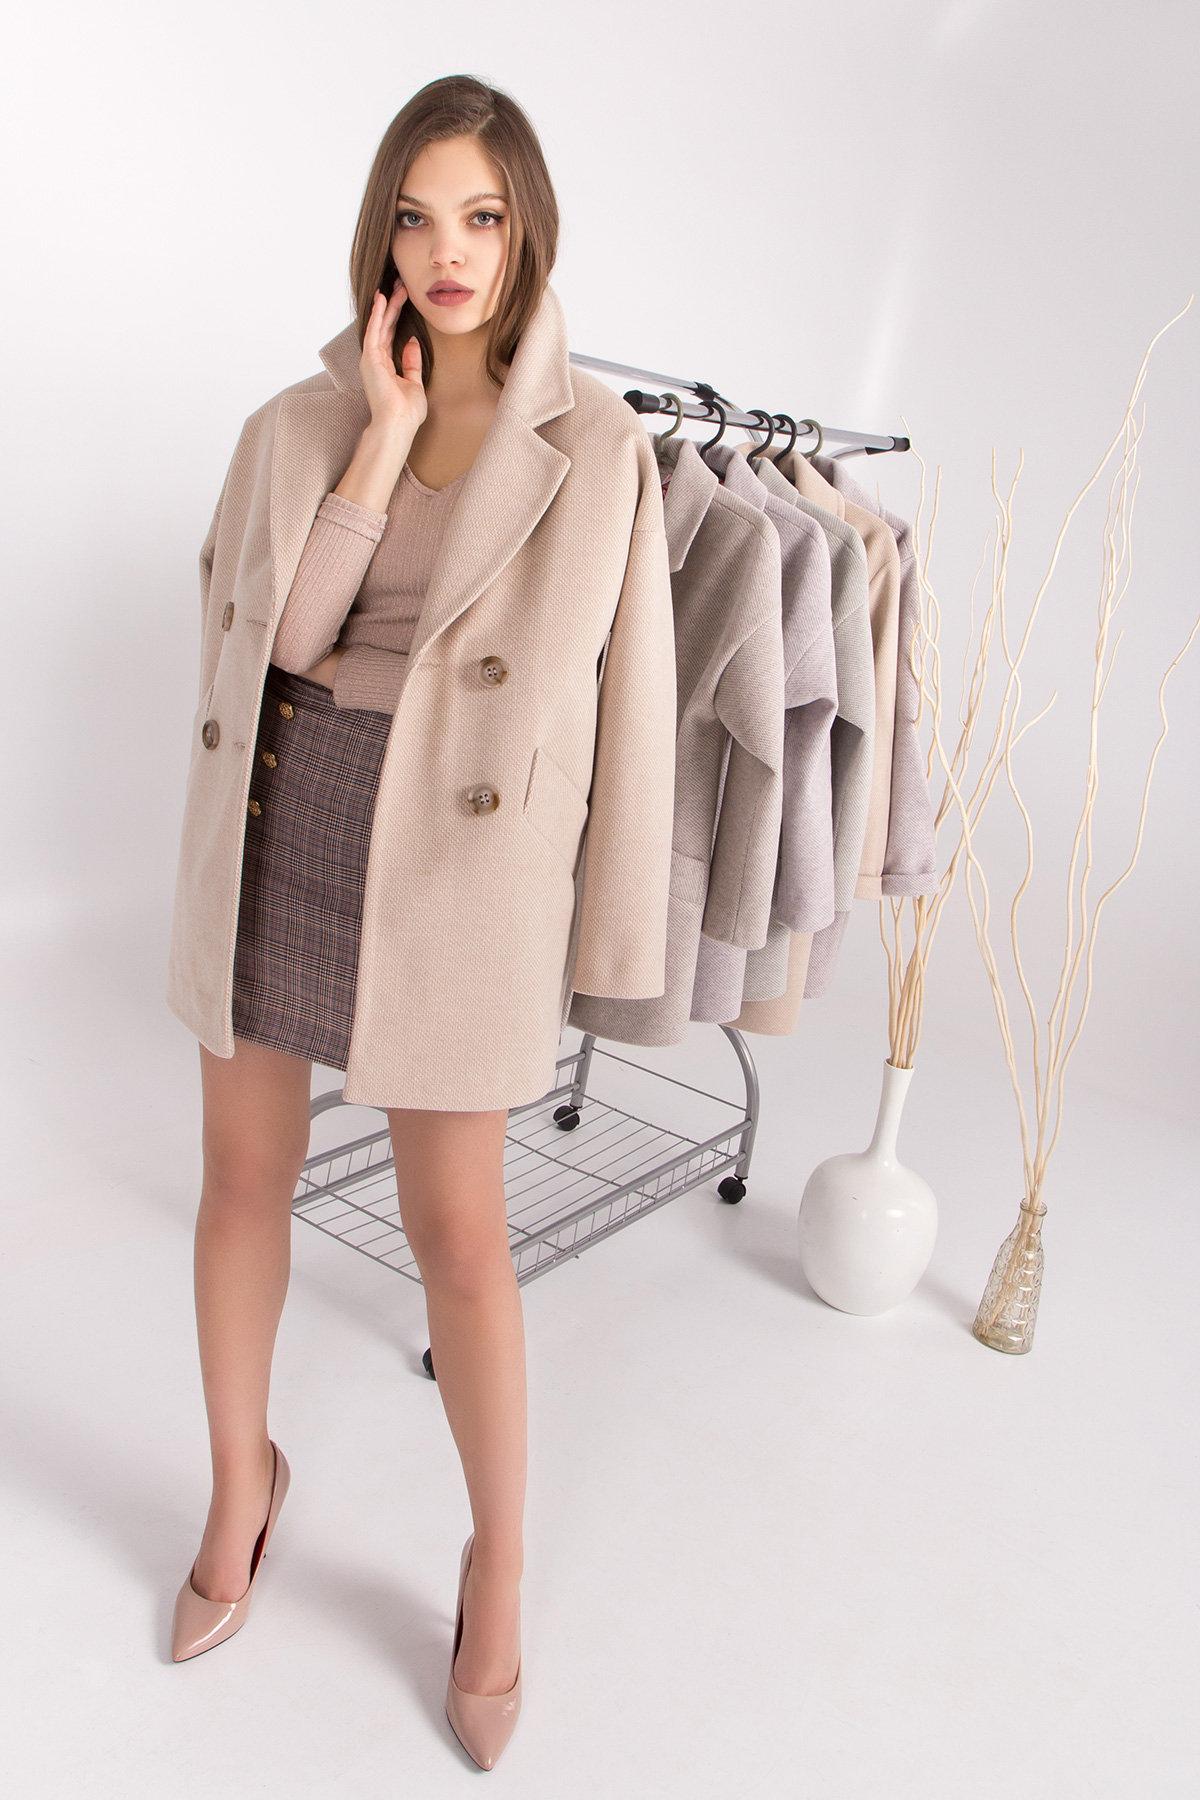 Демисезонное двубортное пальто Бонд 8927 АРТ. 45227 Цвет: Бежевый Светлый - фото 2, интернет магазин tm-modus.ru